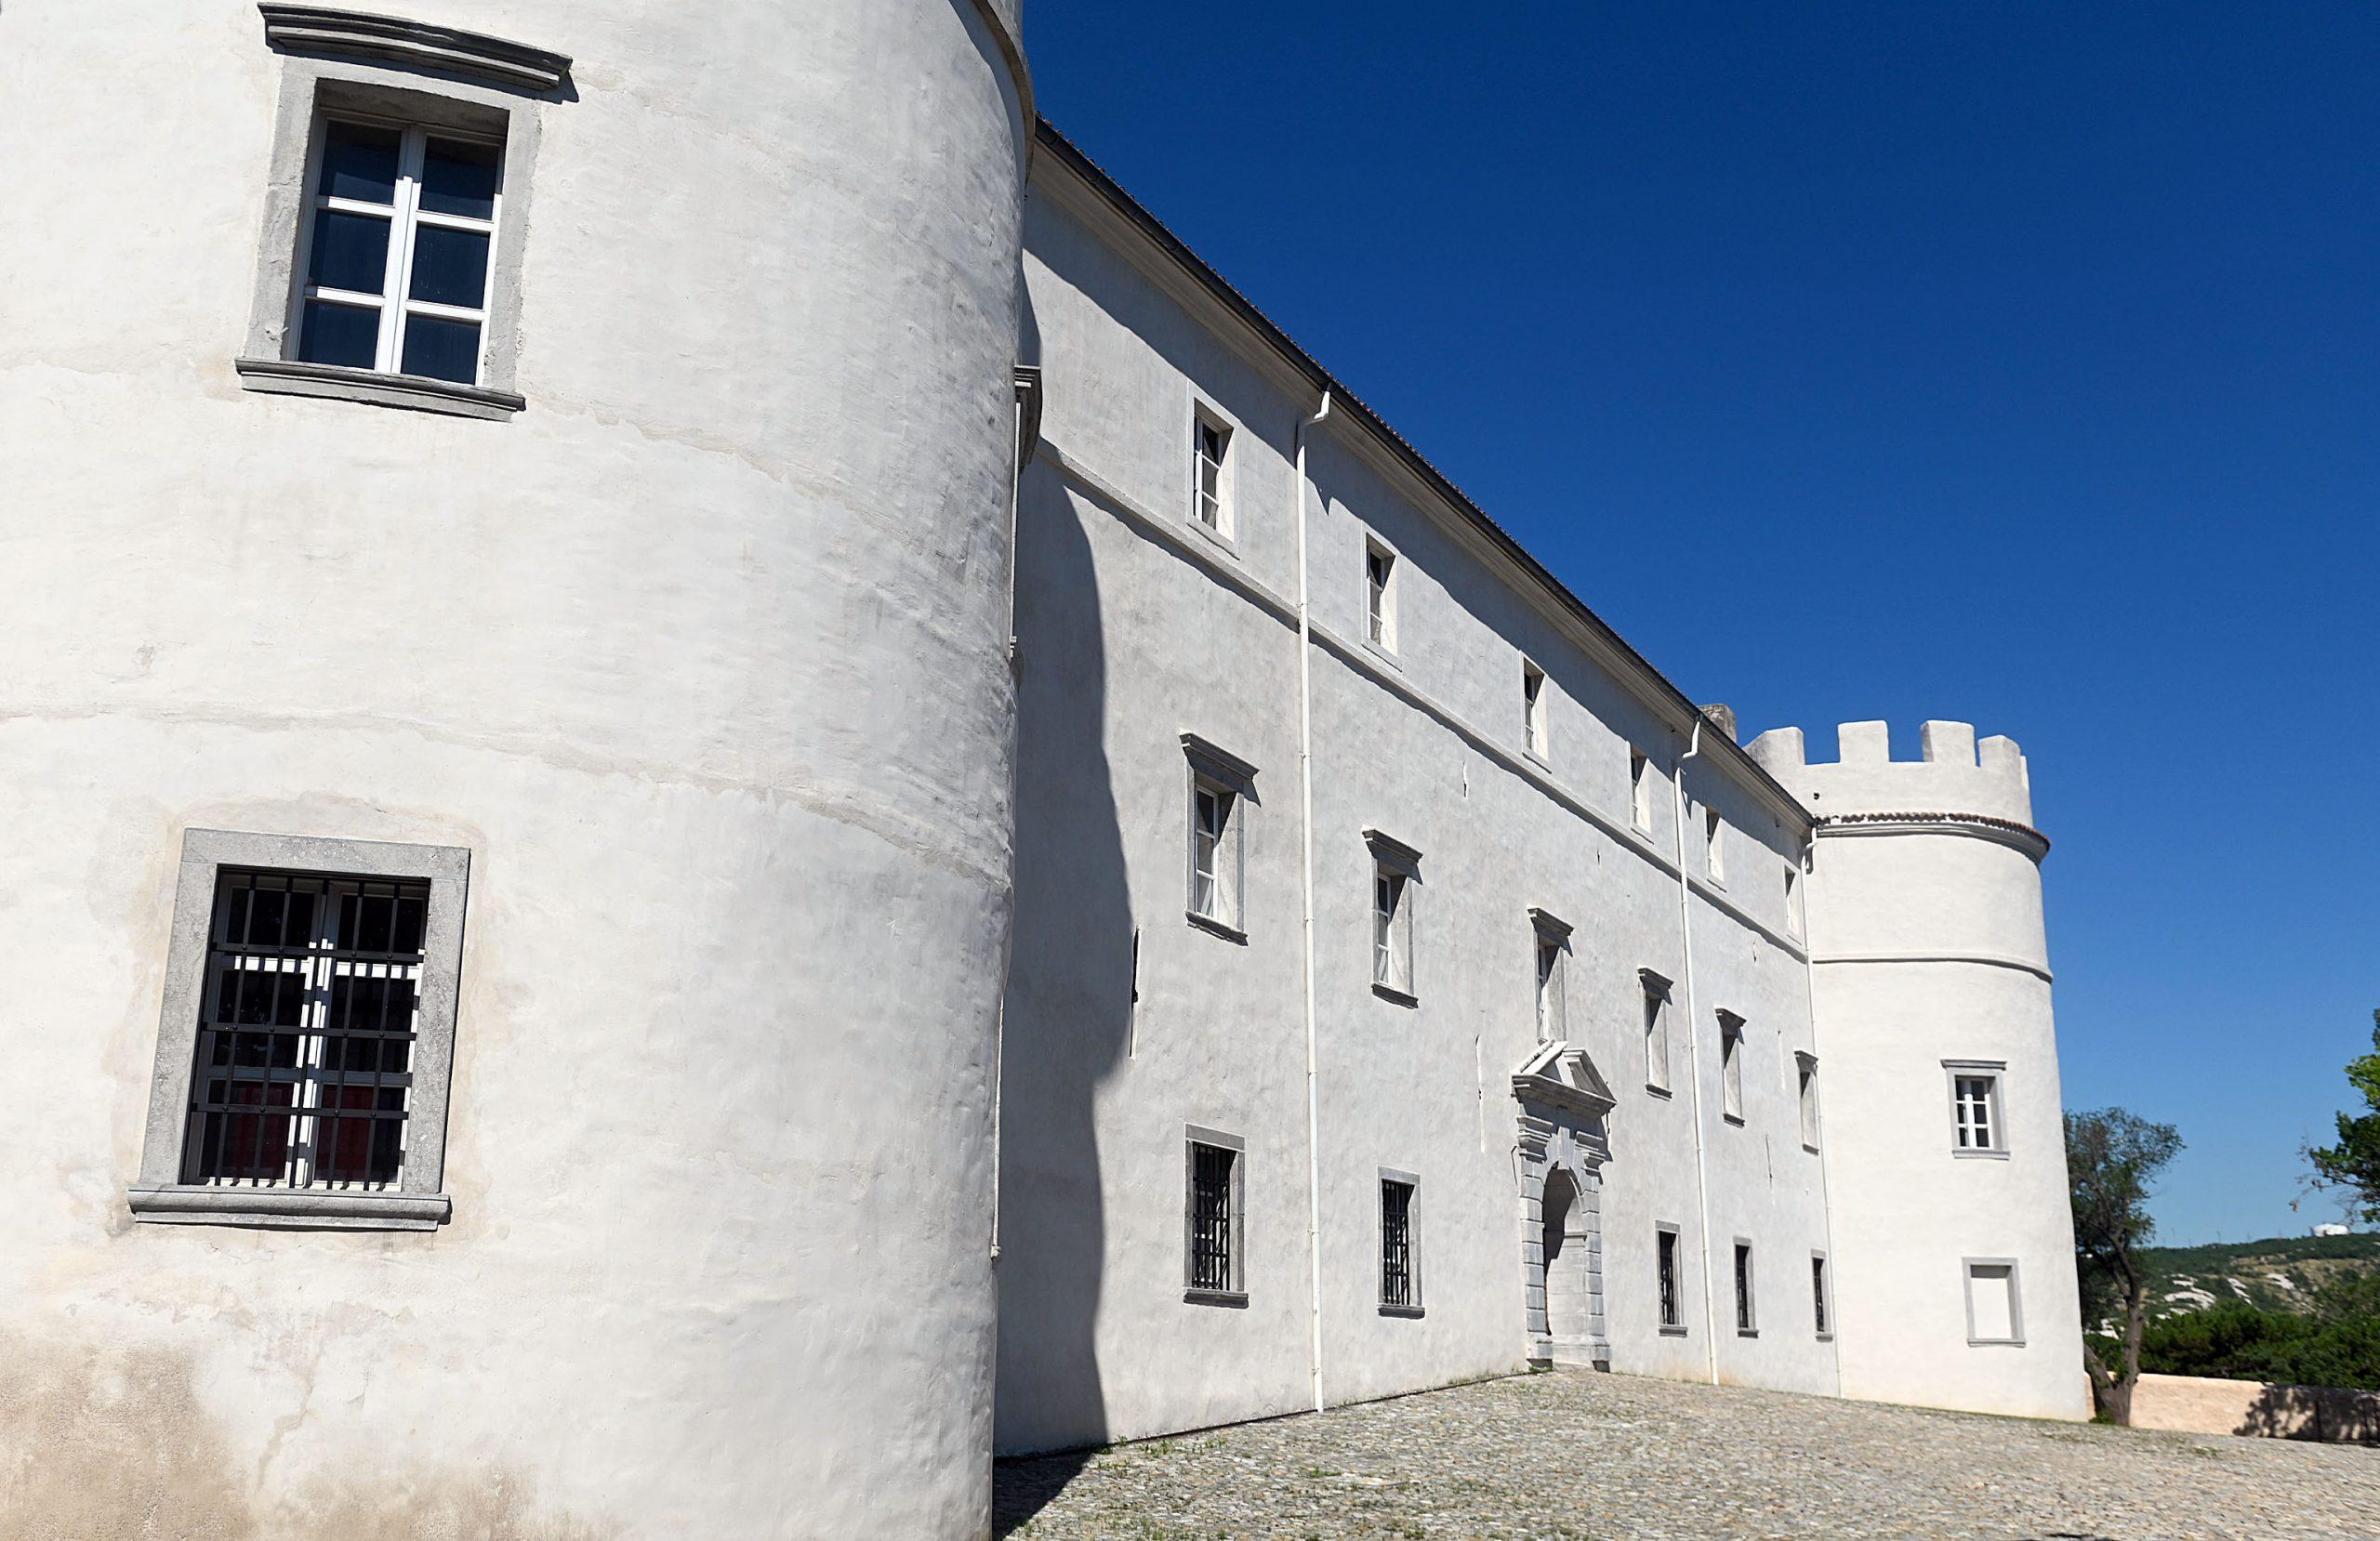 Dvorac je građen kao ljetnikovac, rezidencijalna palača koja je dvjema velikaškim obiteljima služila za odmor